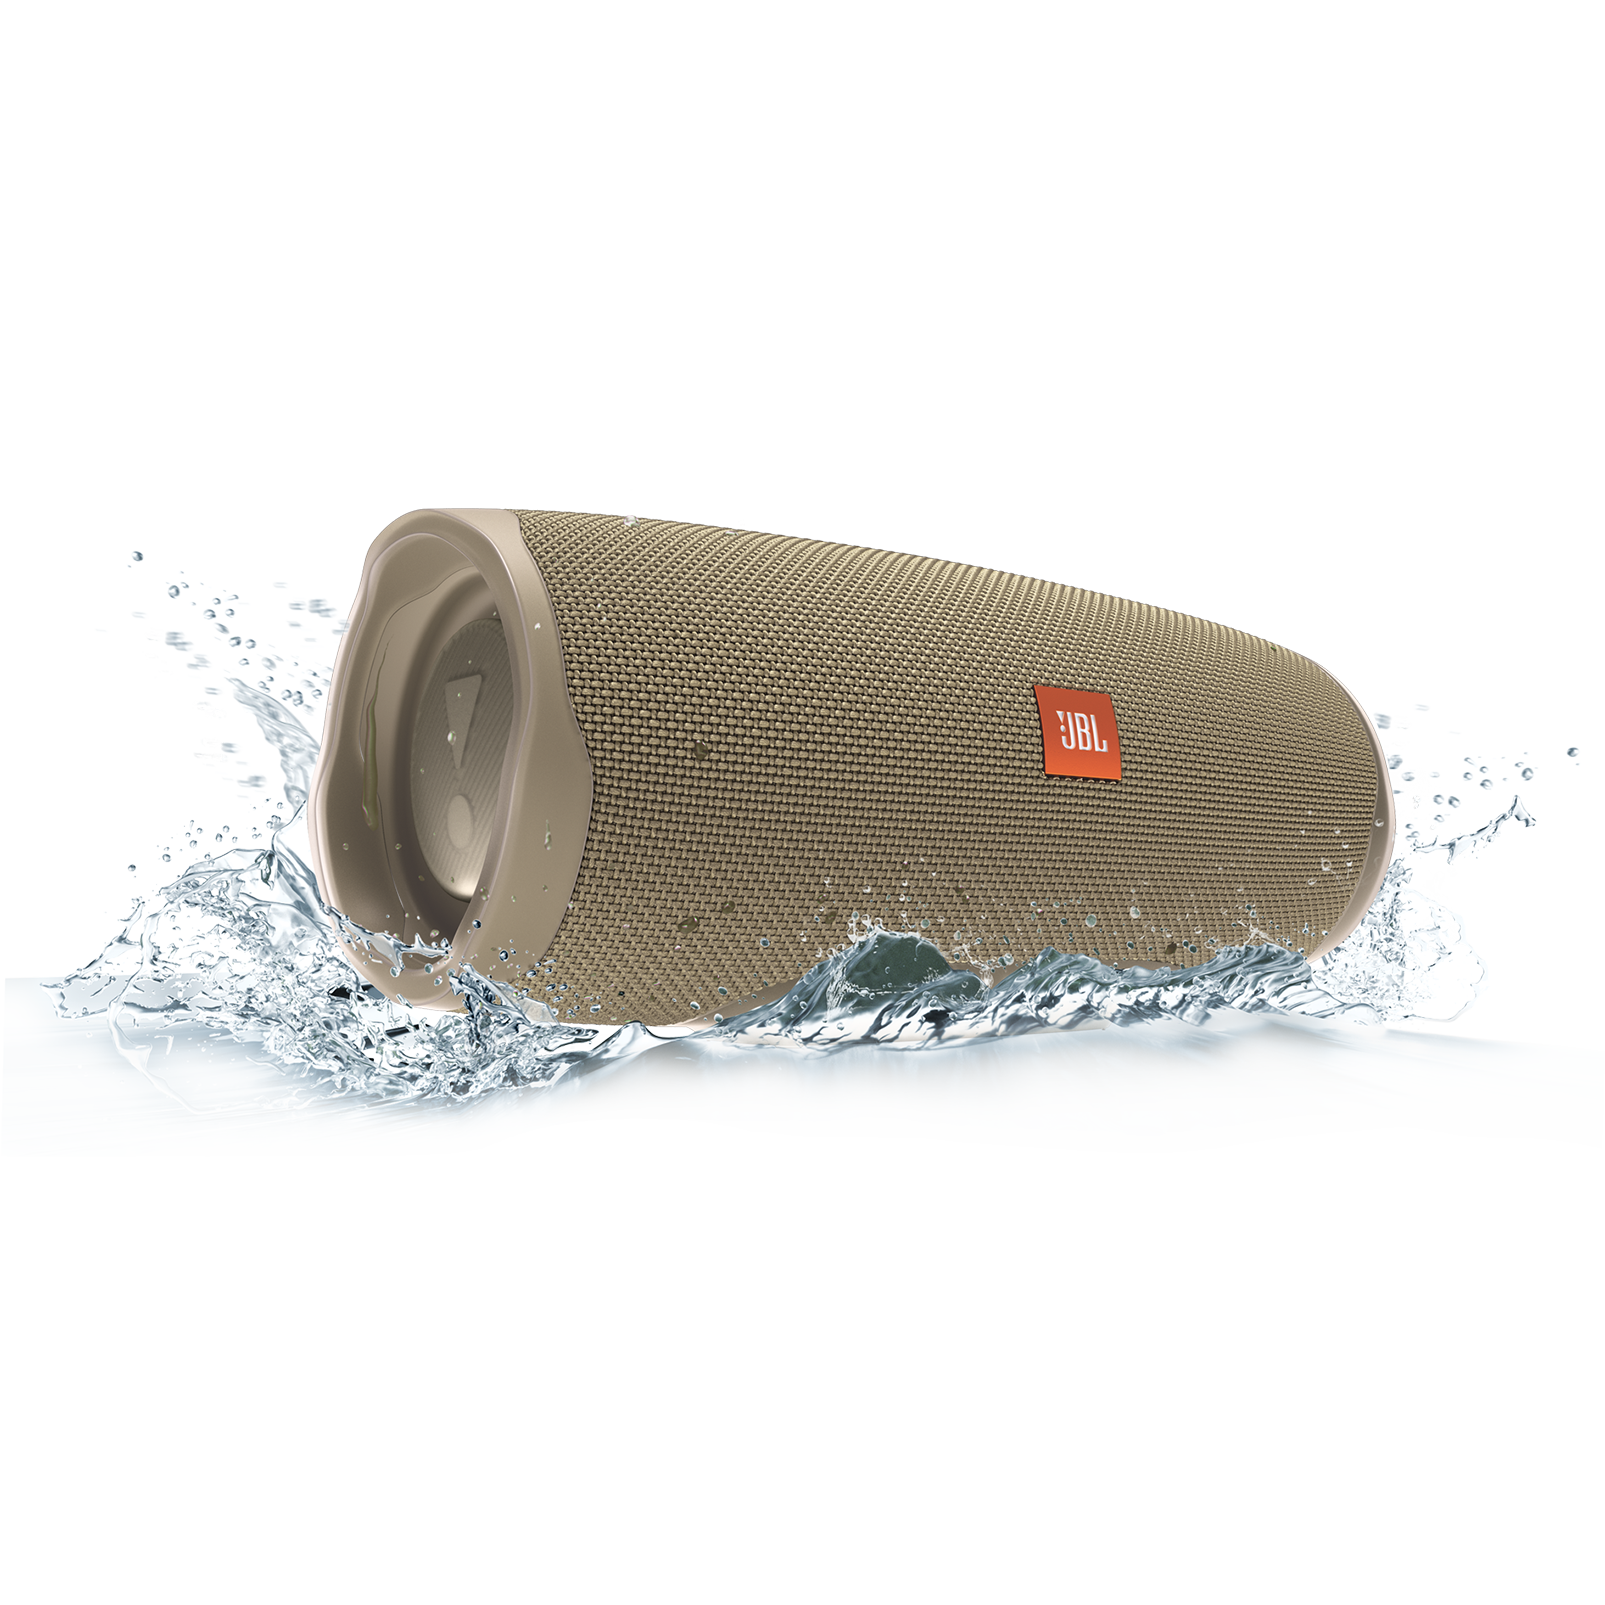 JBL Charge 4 - Sand - Portable Bluetooth speaker - Detailshot 5